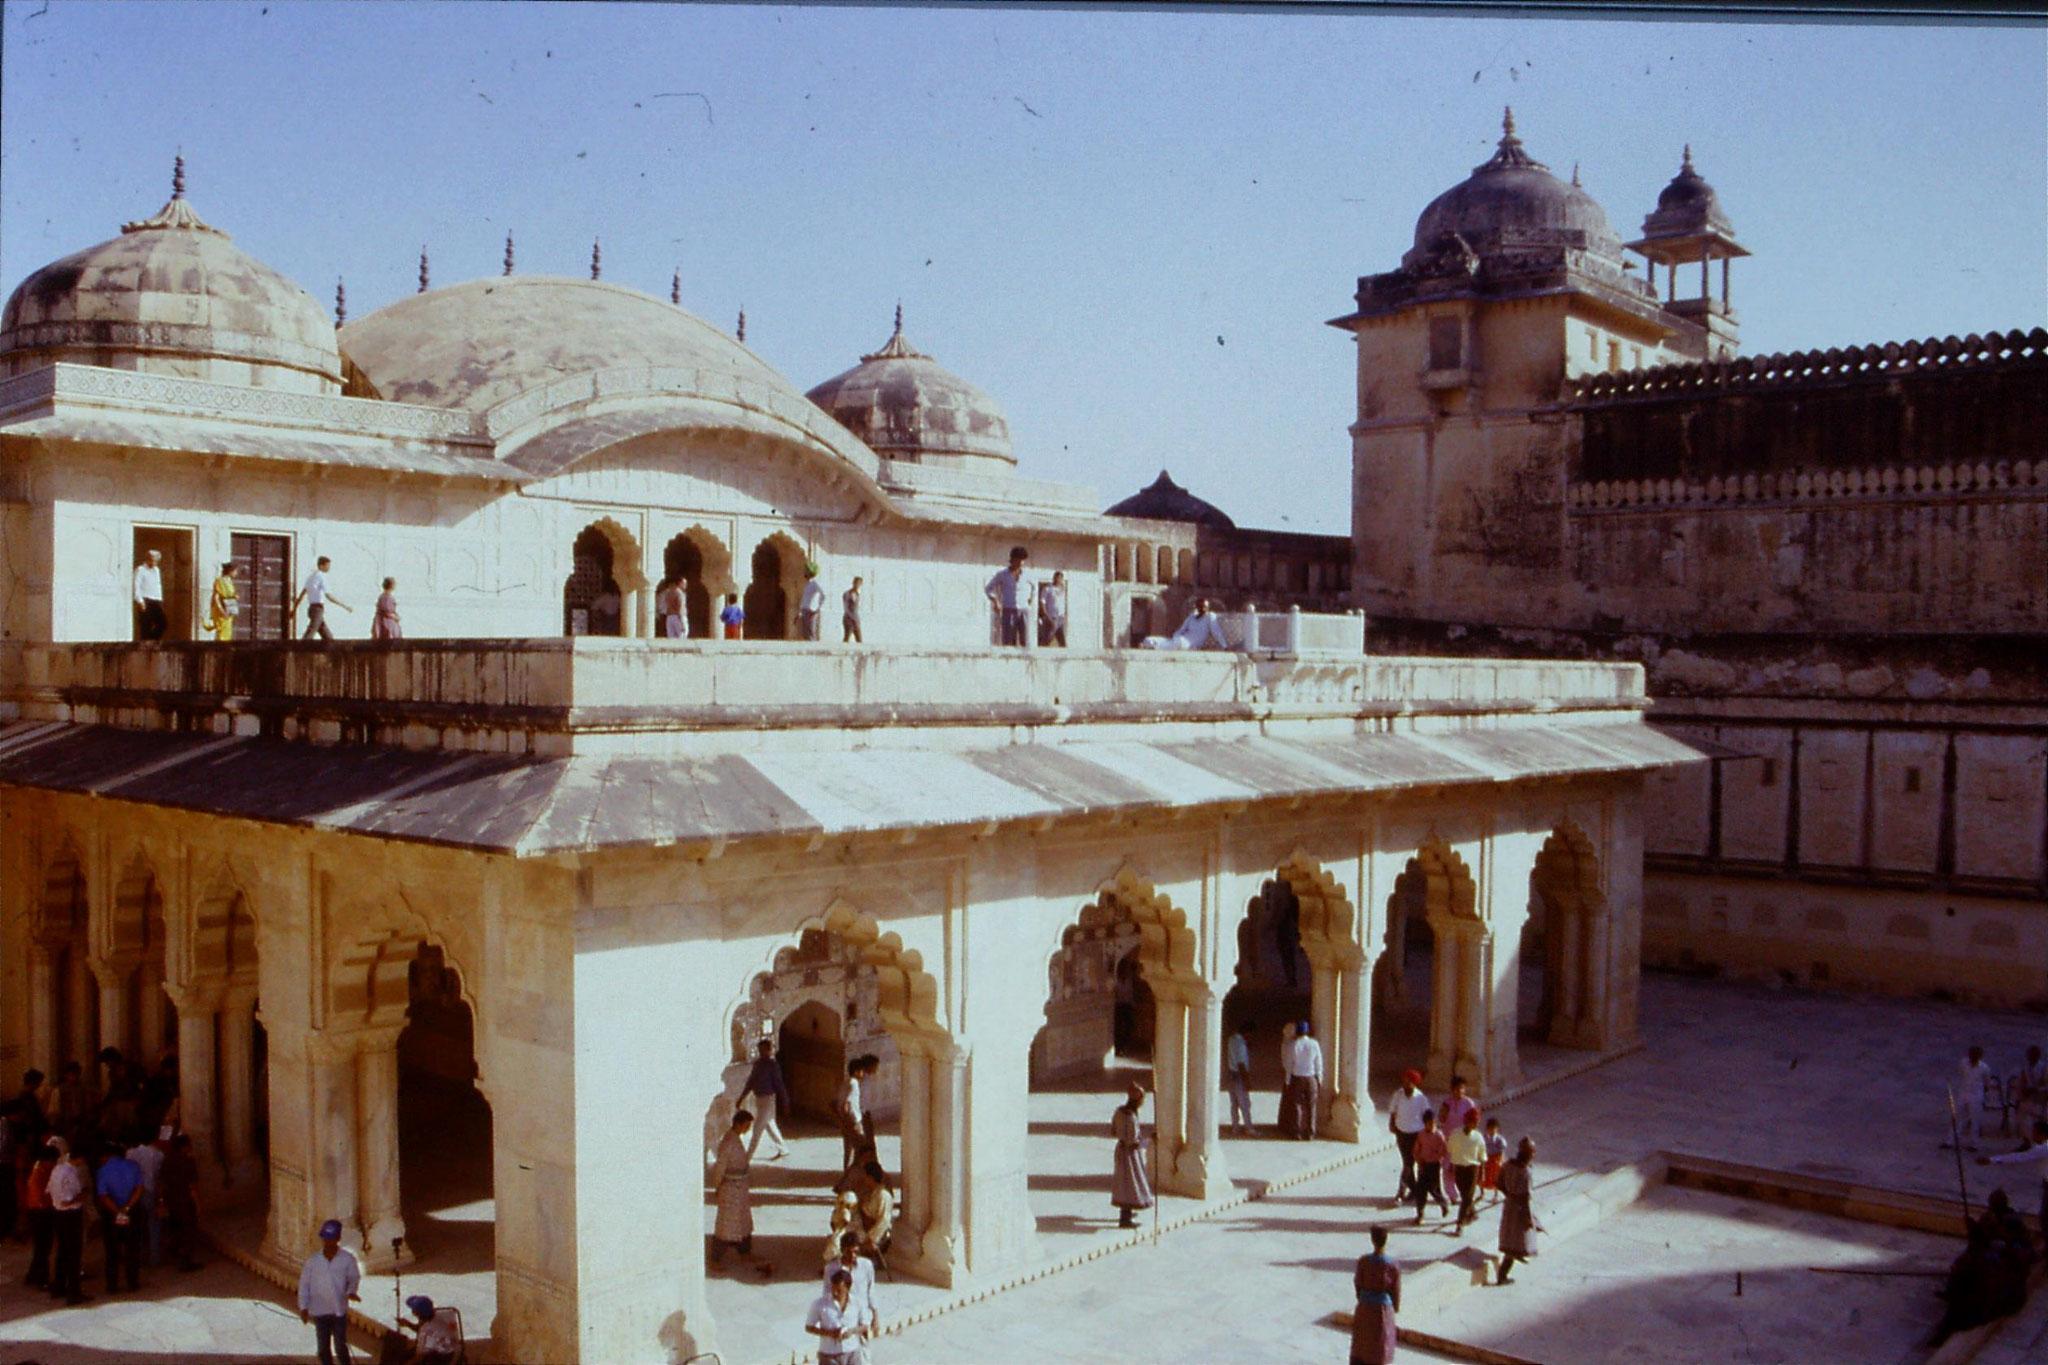 109/19: 3/4/1990 Jaipur/Amber -Maharajah's quarters with film set